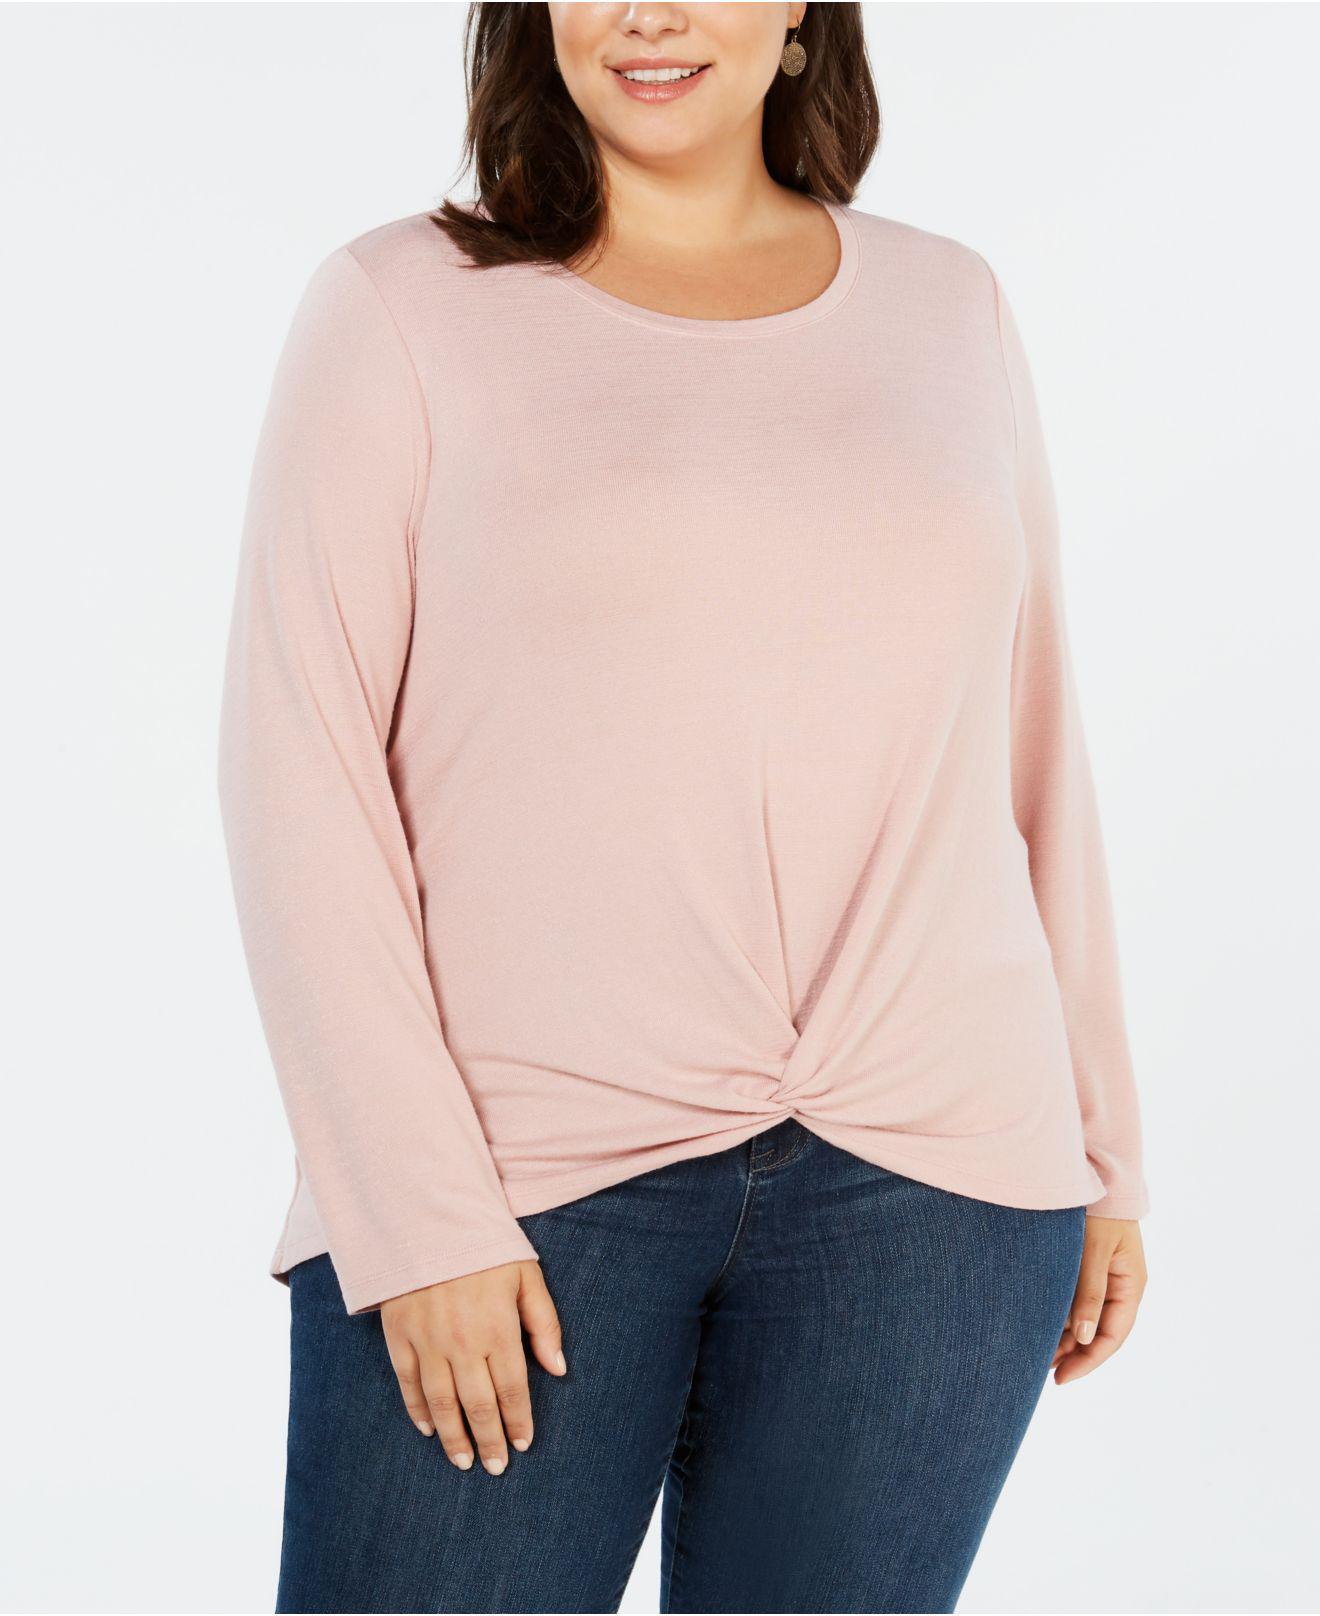 6010cc616e4 Style   Co. Women s Pink Plus Size Twist-front Top ...